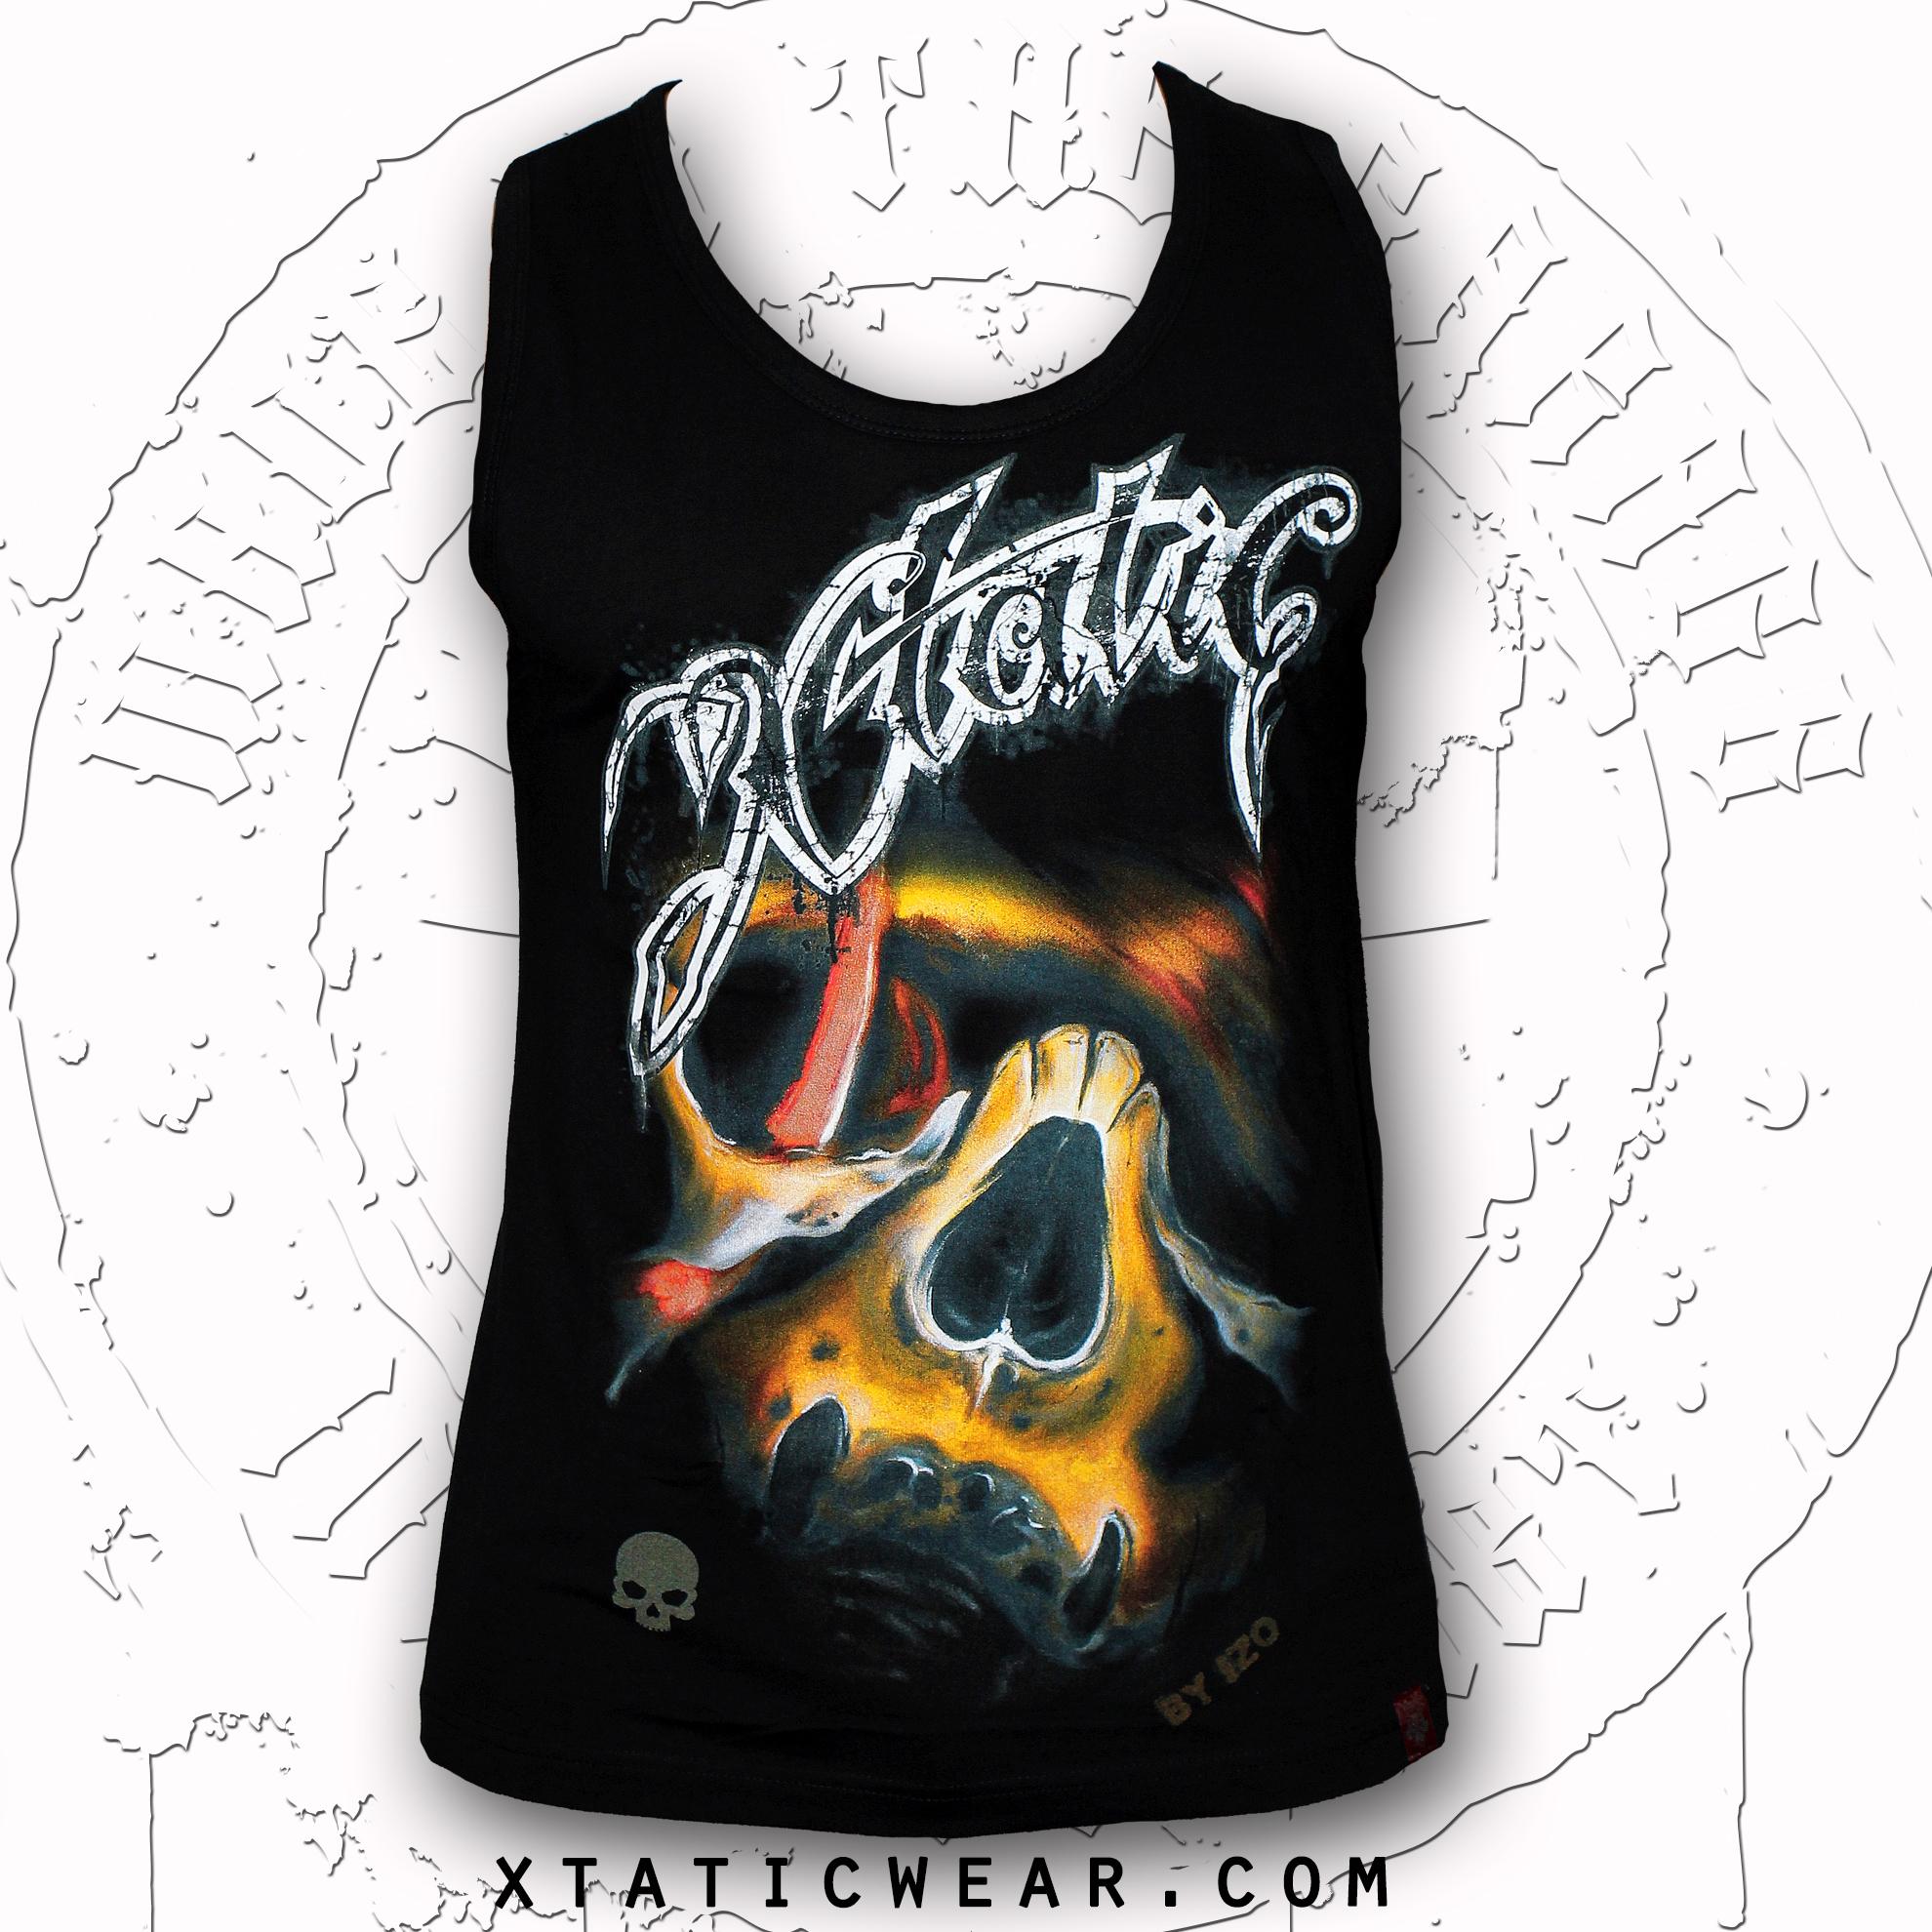 xtatic_wear_skull_art_tank_top_t_shirts_4.jpg